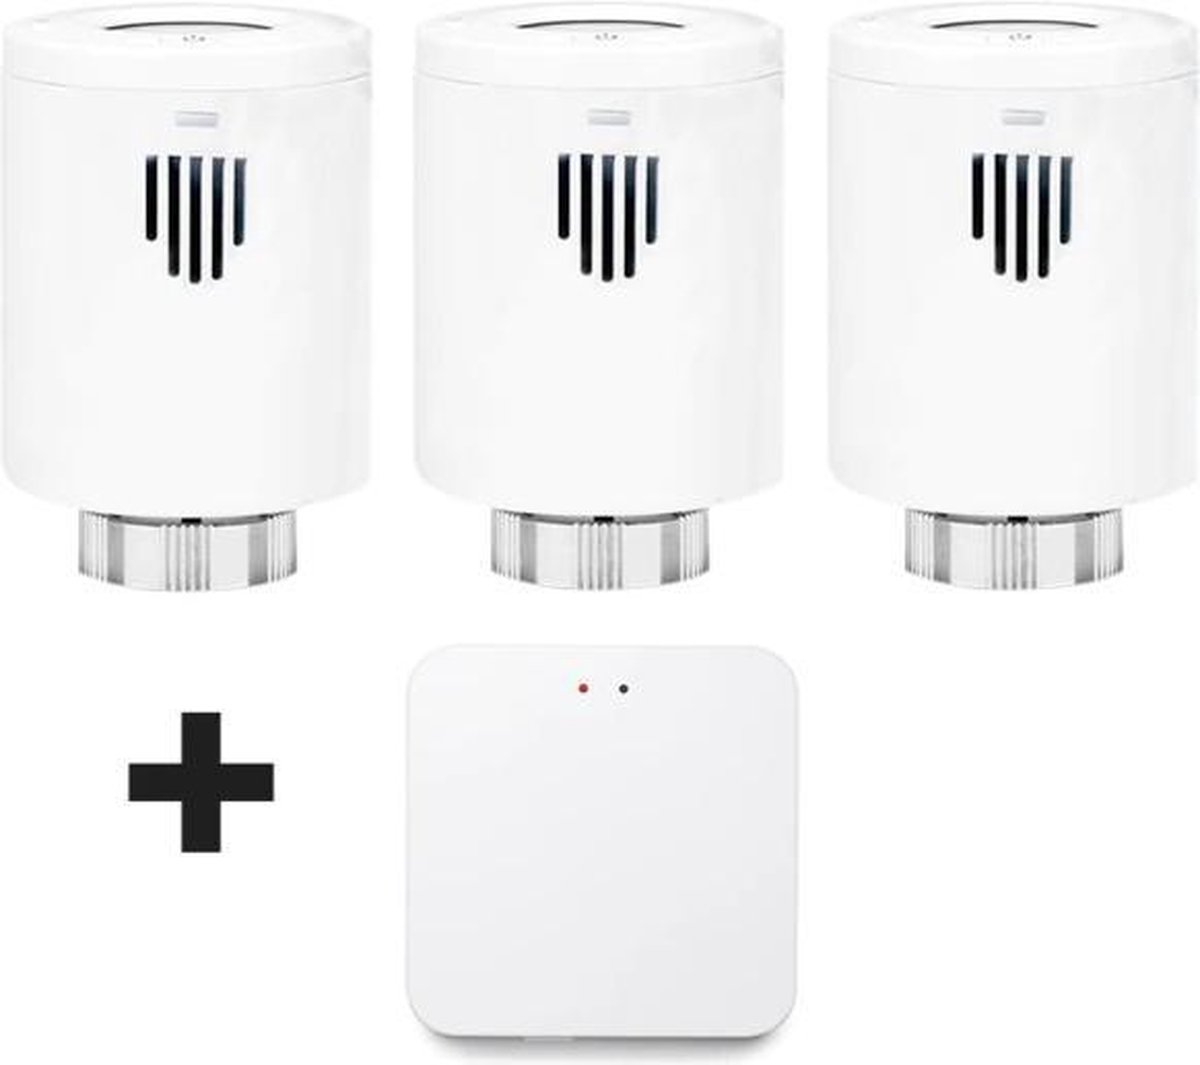 Evanell° Slimme Thermostaat Starterskit Incl. 2 extra Radiatorknoppen - Thermostaatknop Werkt met Google Home en Alexa